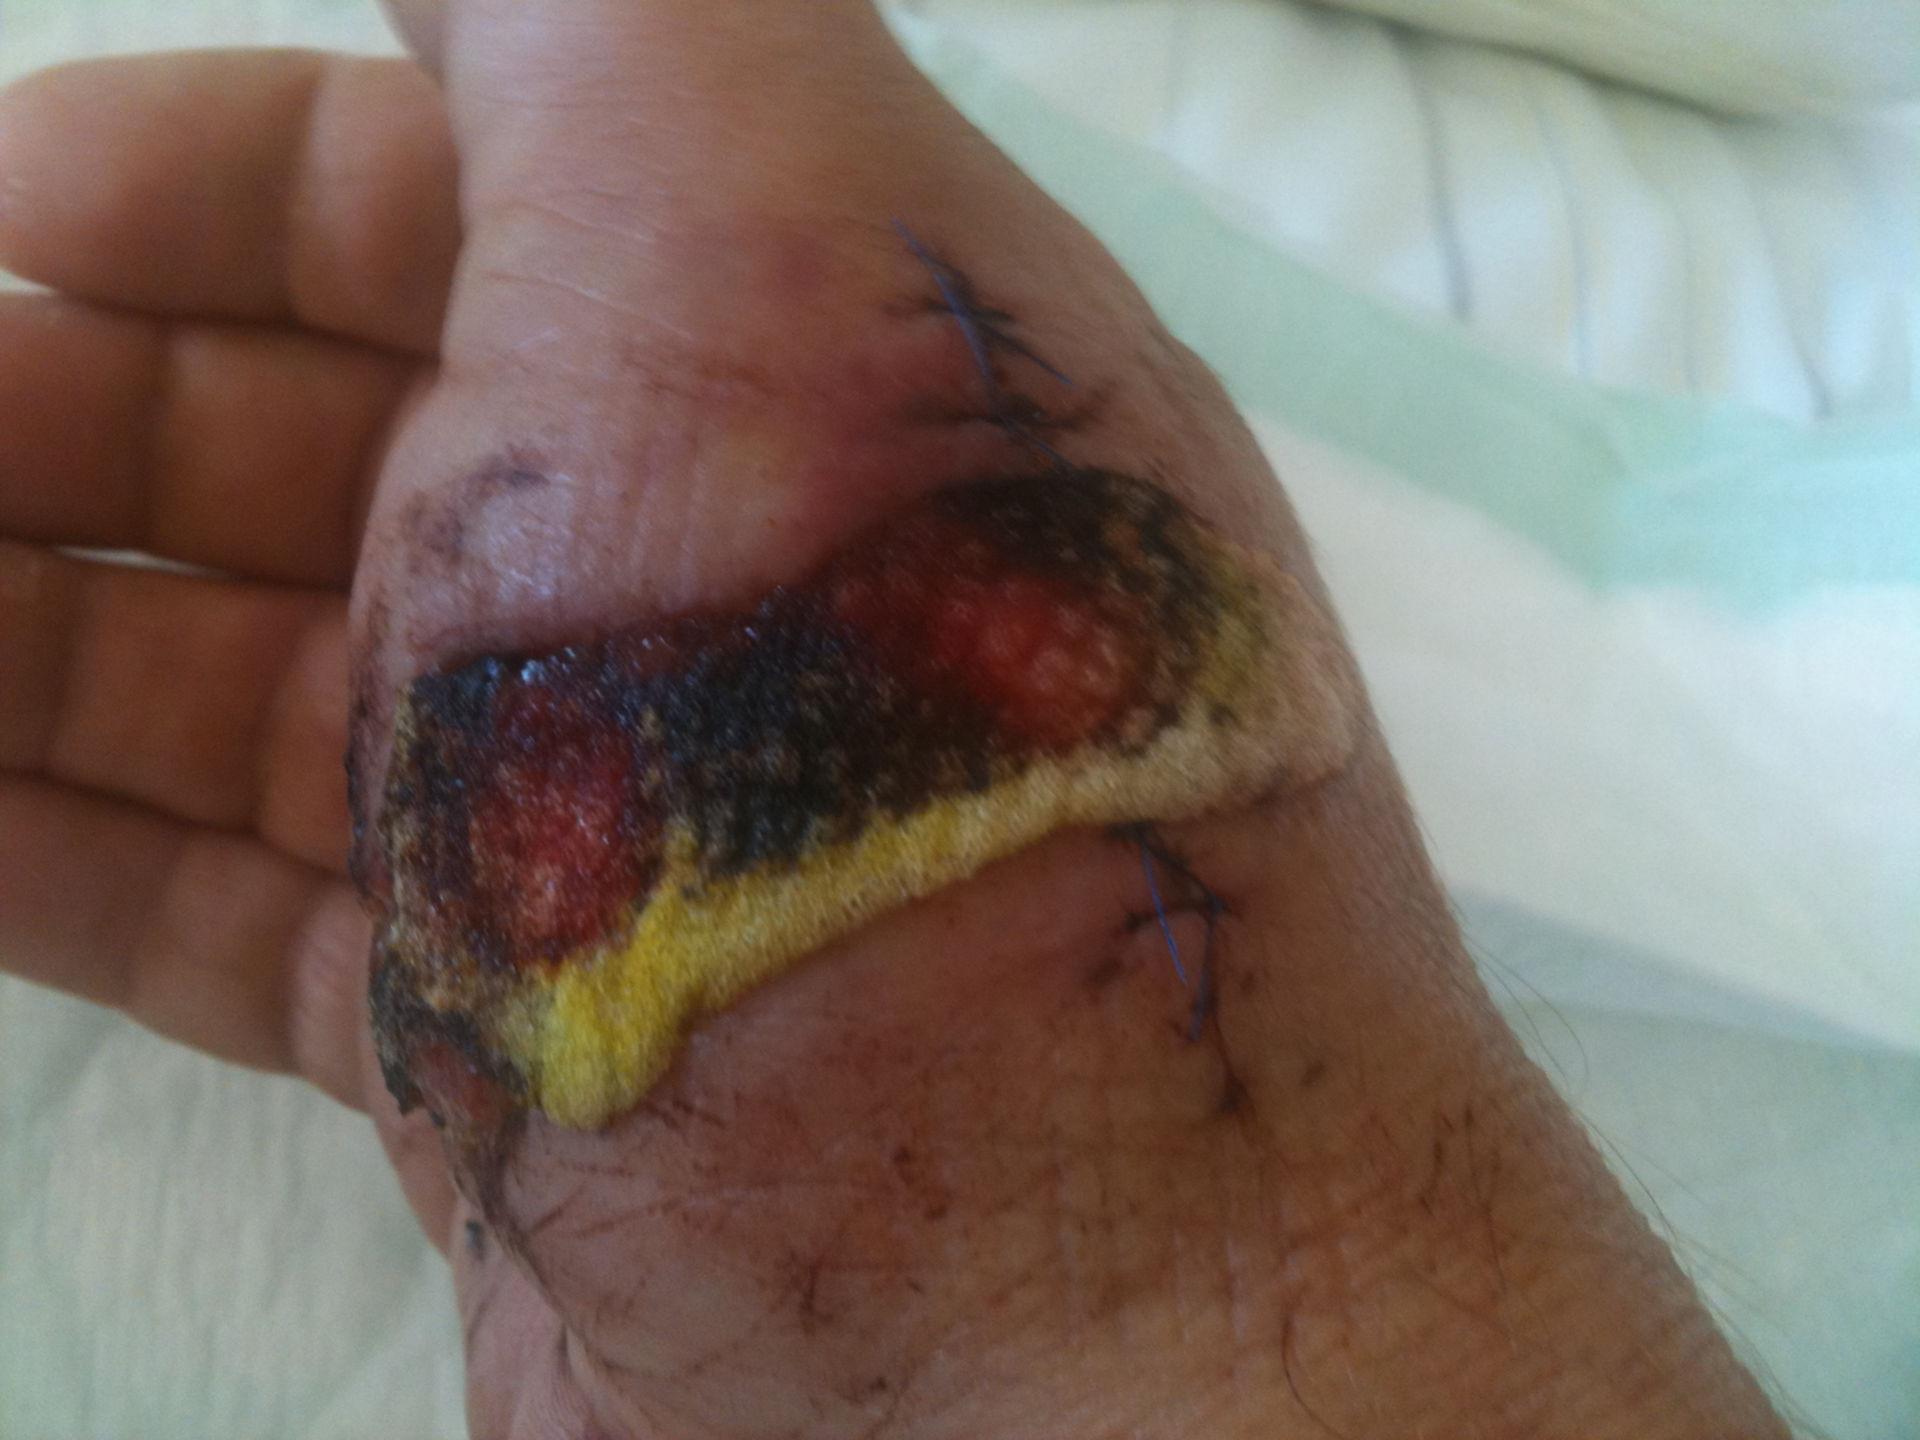 Bissverletzung: Einlagerung in die Wunde